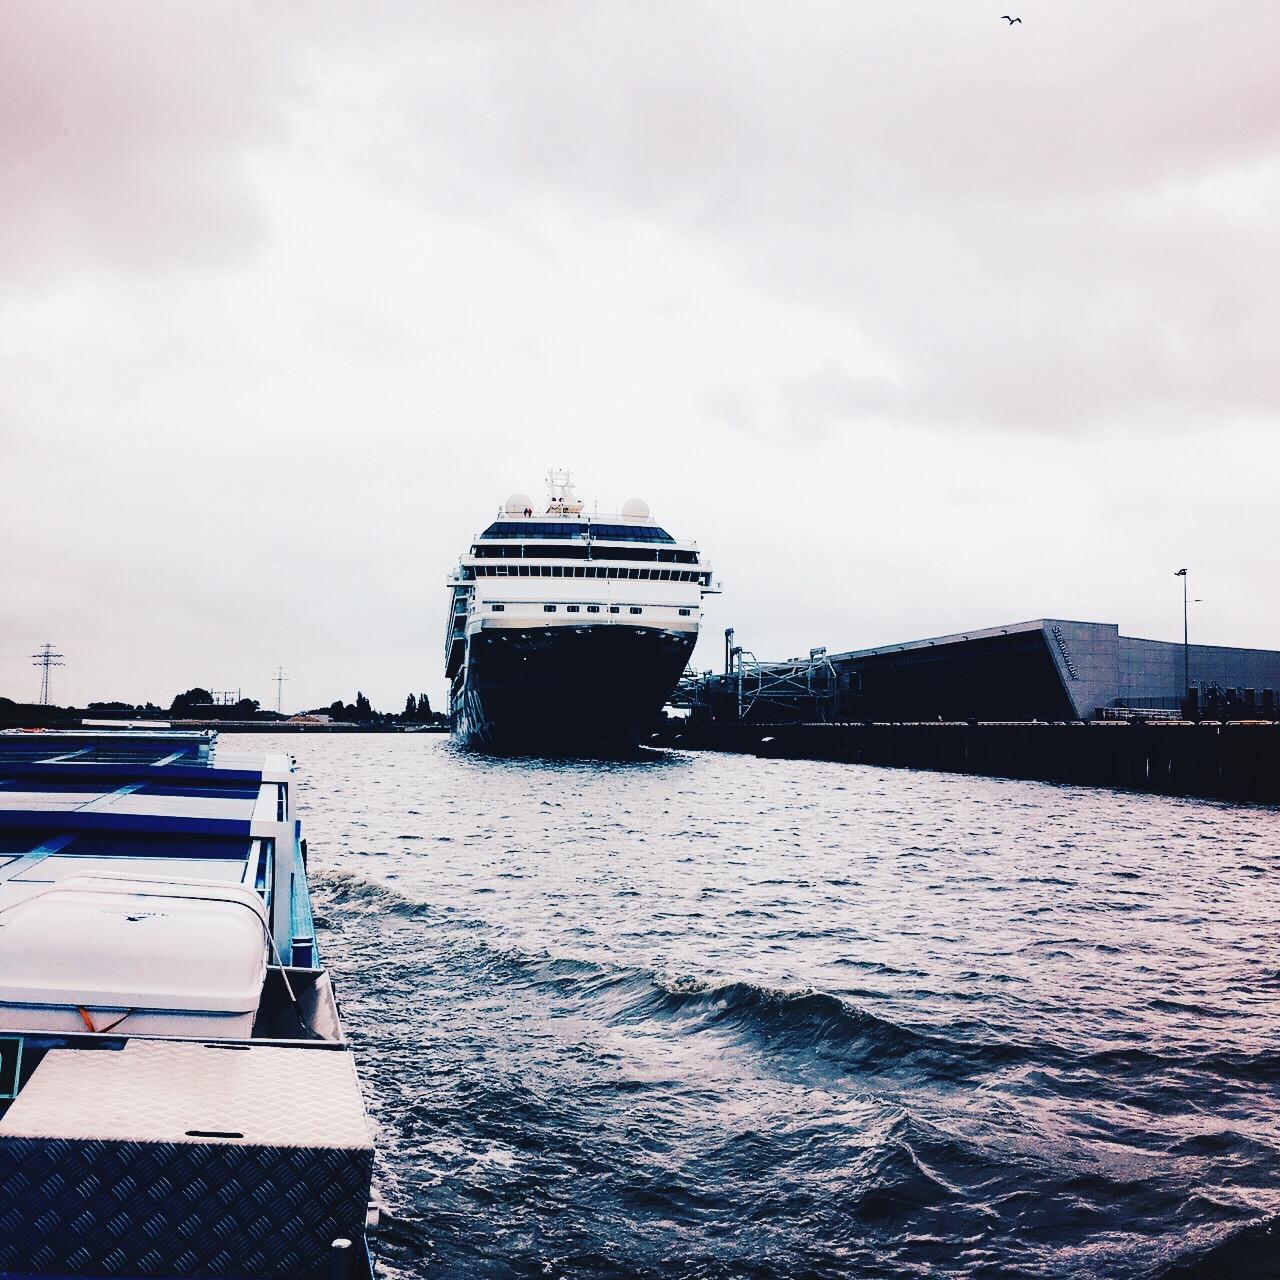 Große Schiffe gibt es im Hamburger Hafen zu entdecken, wie die Mein Schiff 1 von TUI Cruises © katrin-lars.net